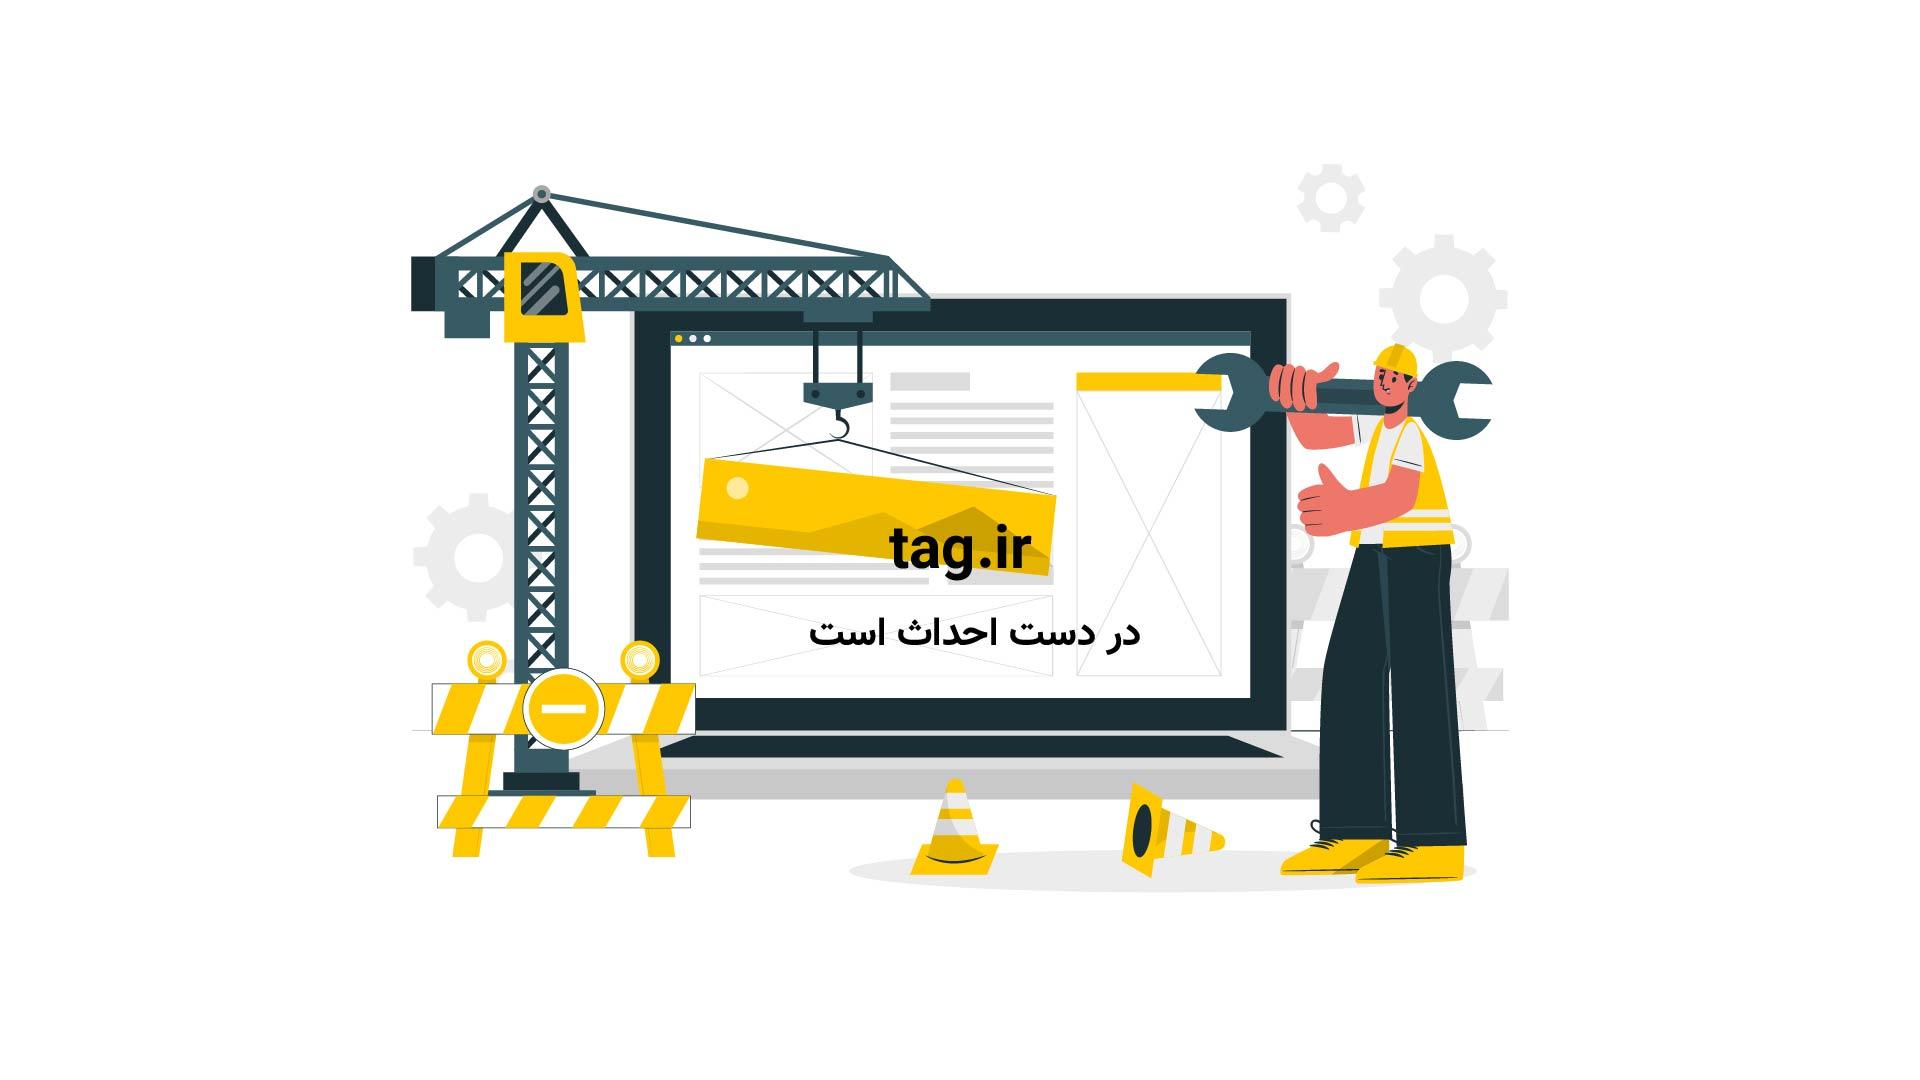 مناظر زیبا و دیدنی استان کهگلویه و بویراحمد | فیلم